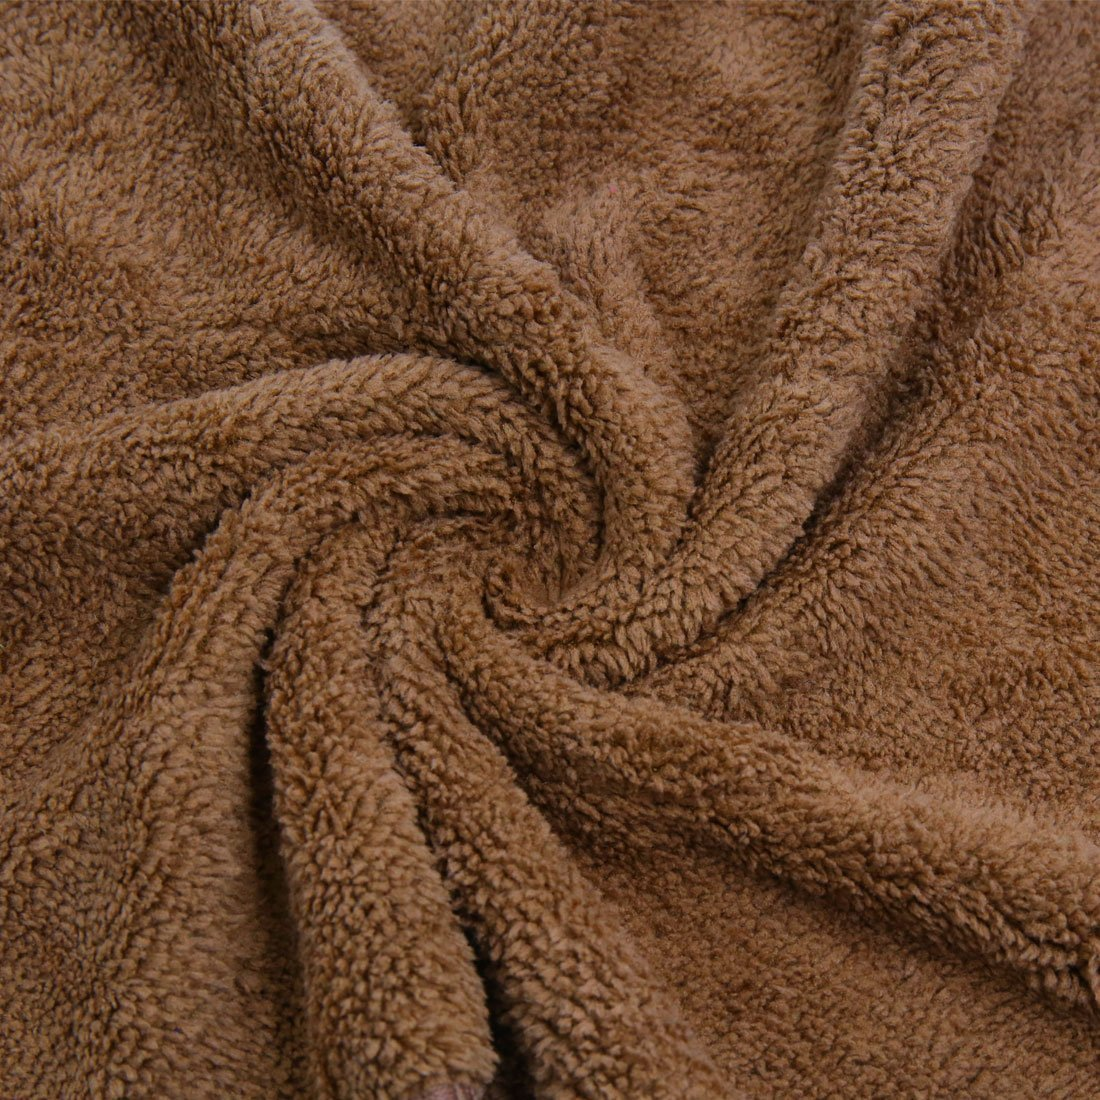 Amazon.com: eDealMax café multiusos del Color del vehículo de limpieza del Cuerpo de coche del paño de Lavado de toallas 40cm x 30cm: Automotive